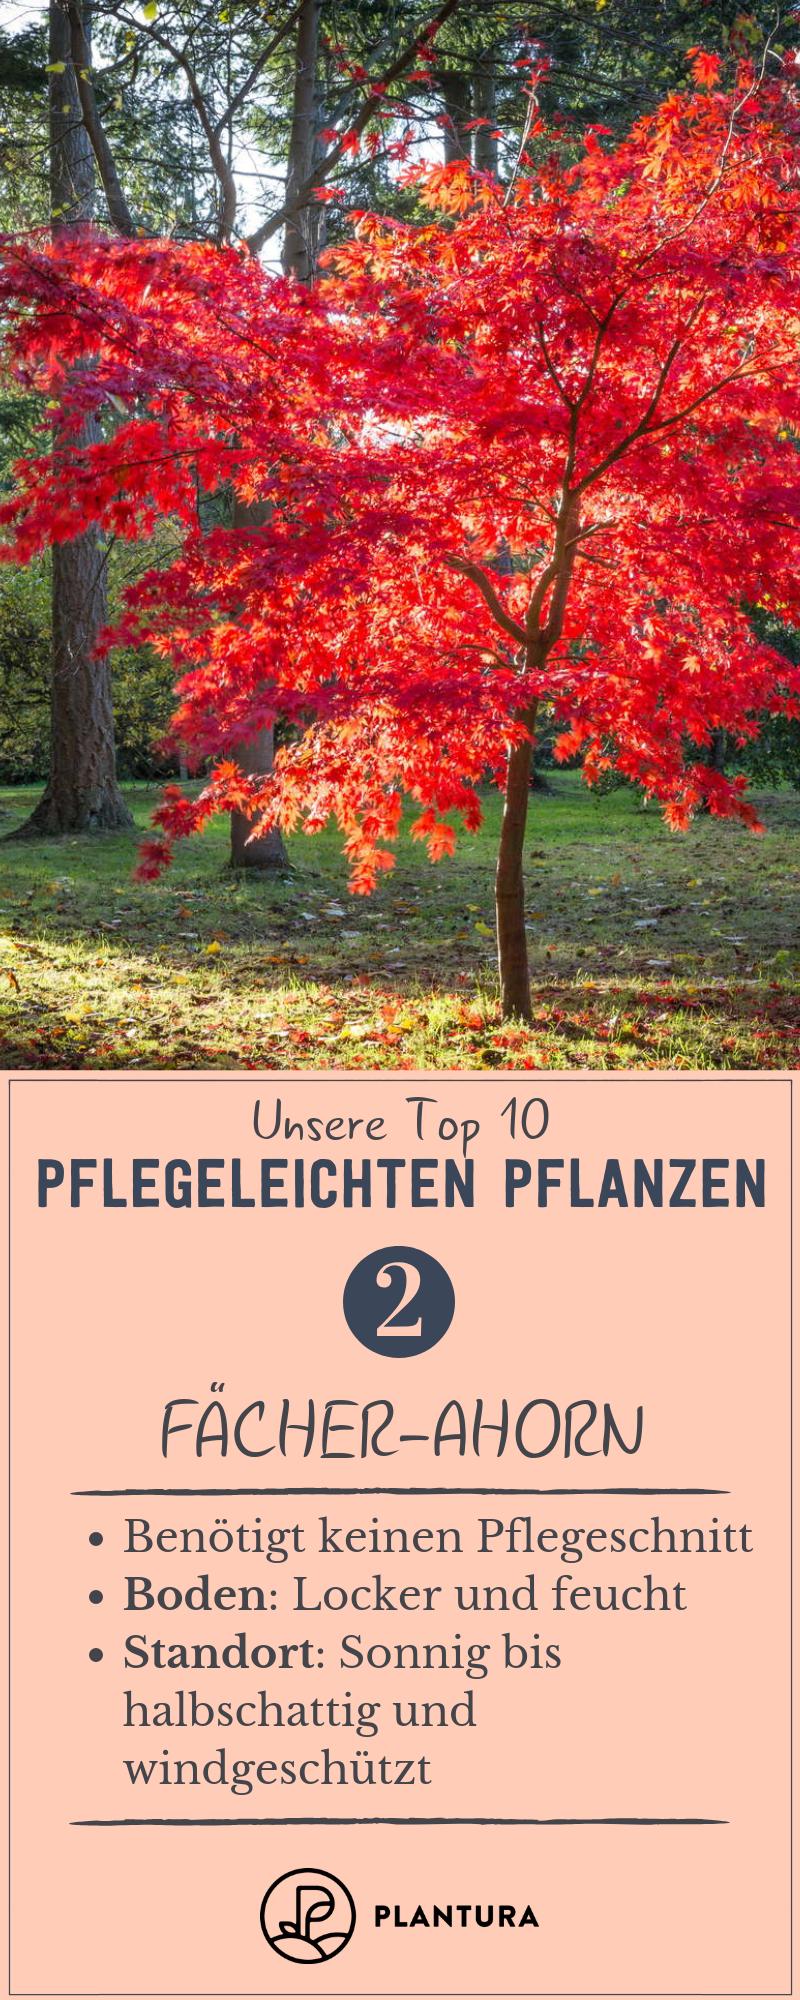 Photo of Plantas de jardín fáciles de cuidar: las 10 mejores para exteriores – Plantura